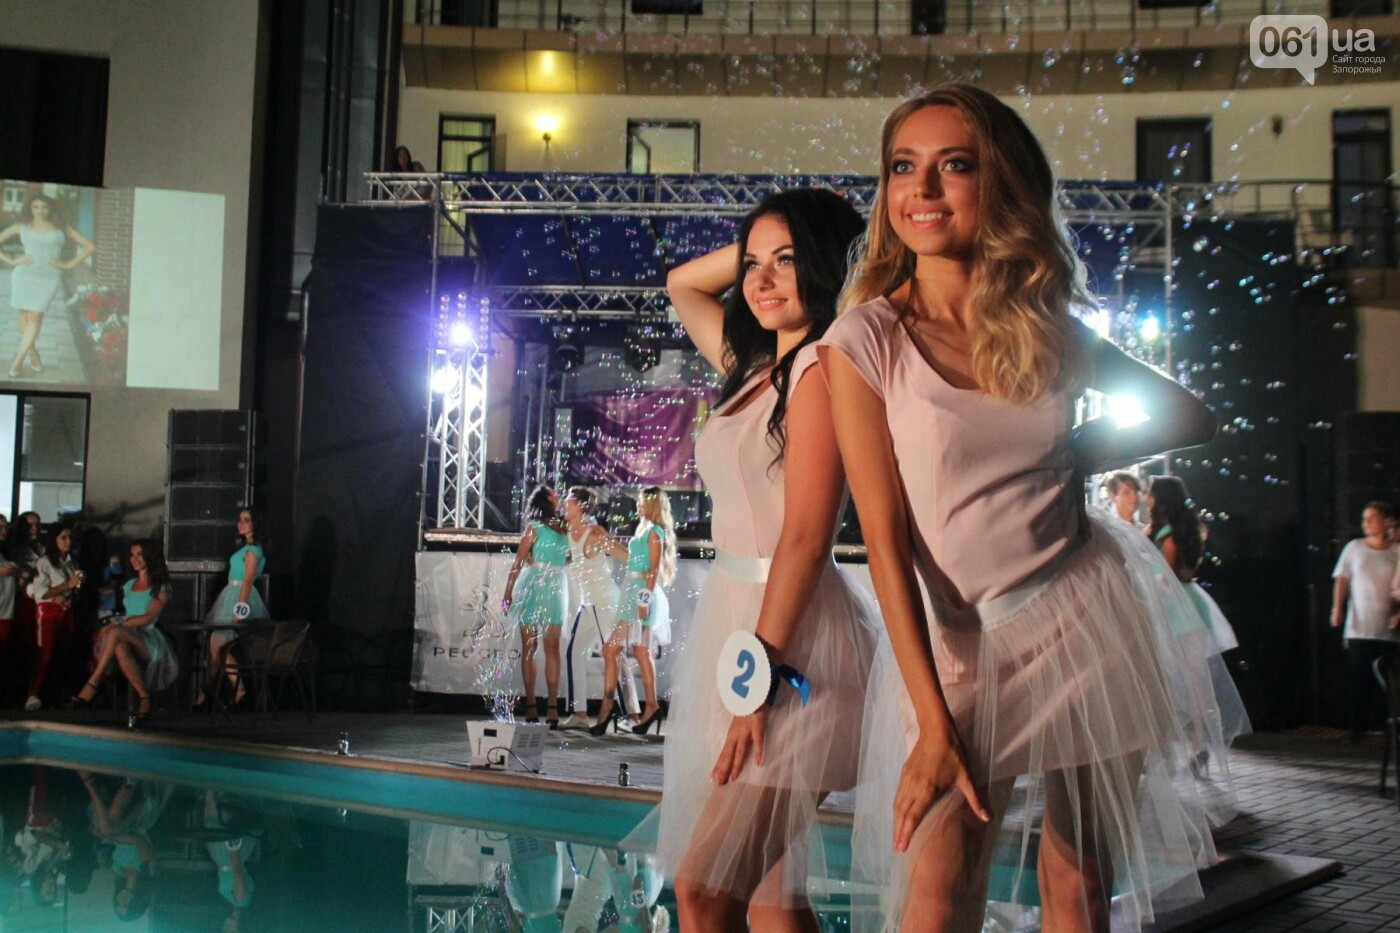 «Miss AVRORA Summer 2018»: в Запорожье на конкурсе красоты выбрали самую красивую девушку, – ФОТОРЕПОРТАЖ, фото-4